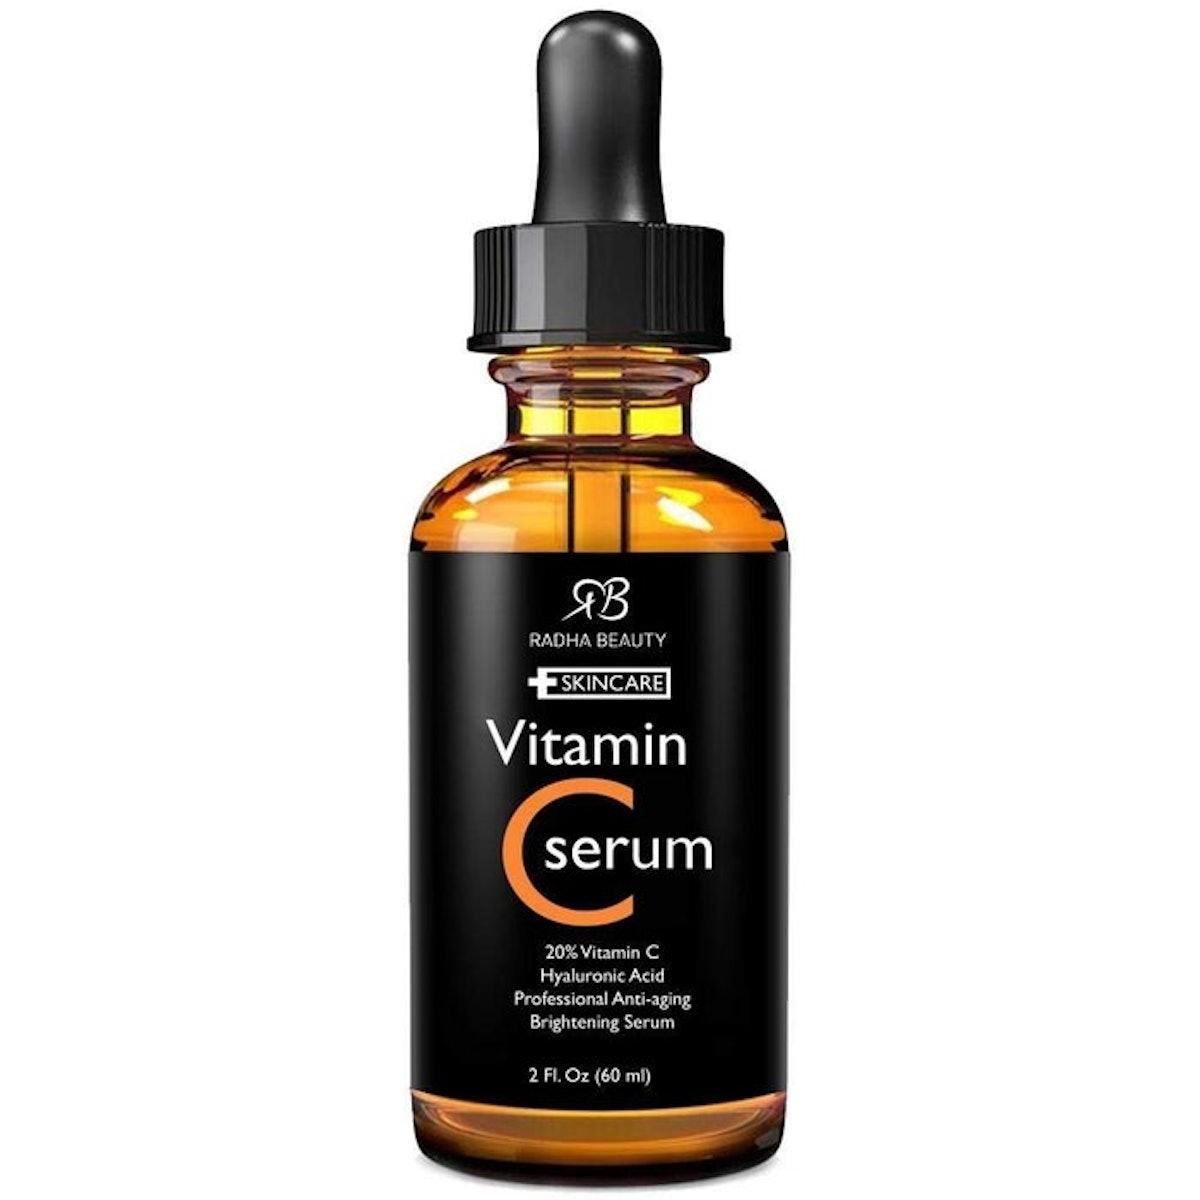 Radha Beauty Vitamin C Serum